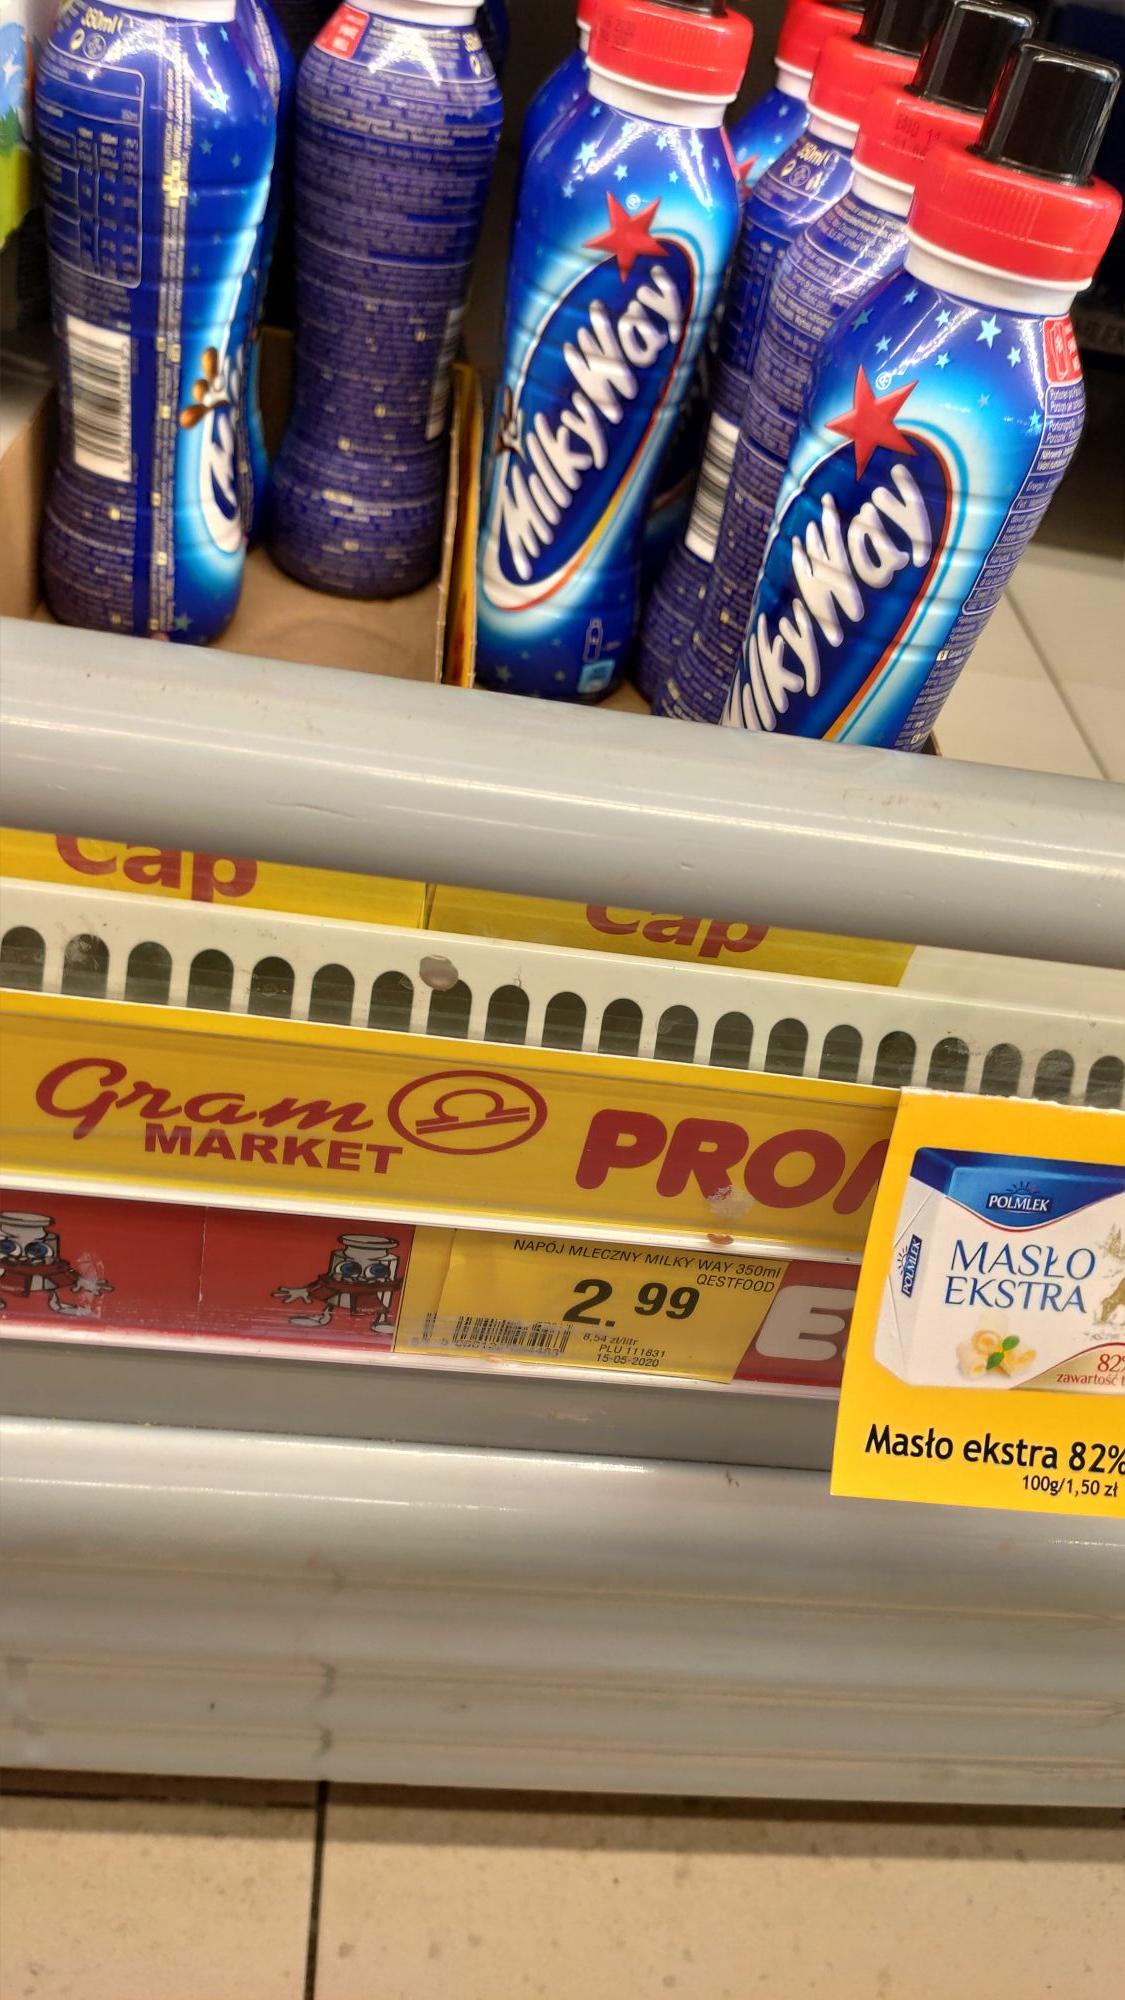 Milky Way napój mleczny Gram Market